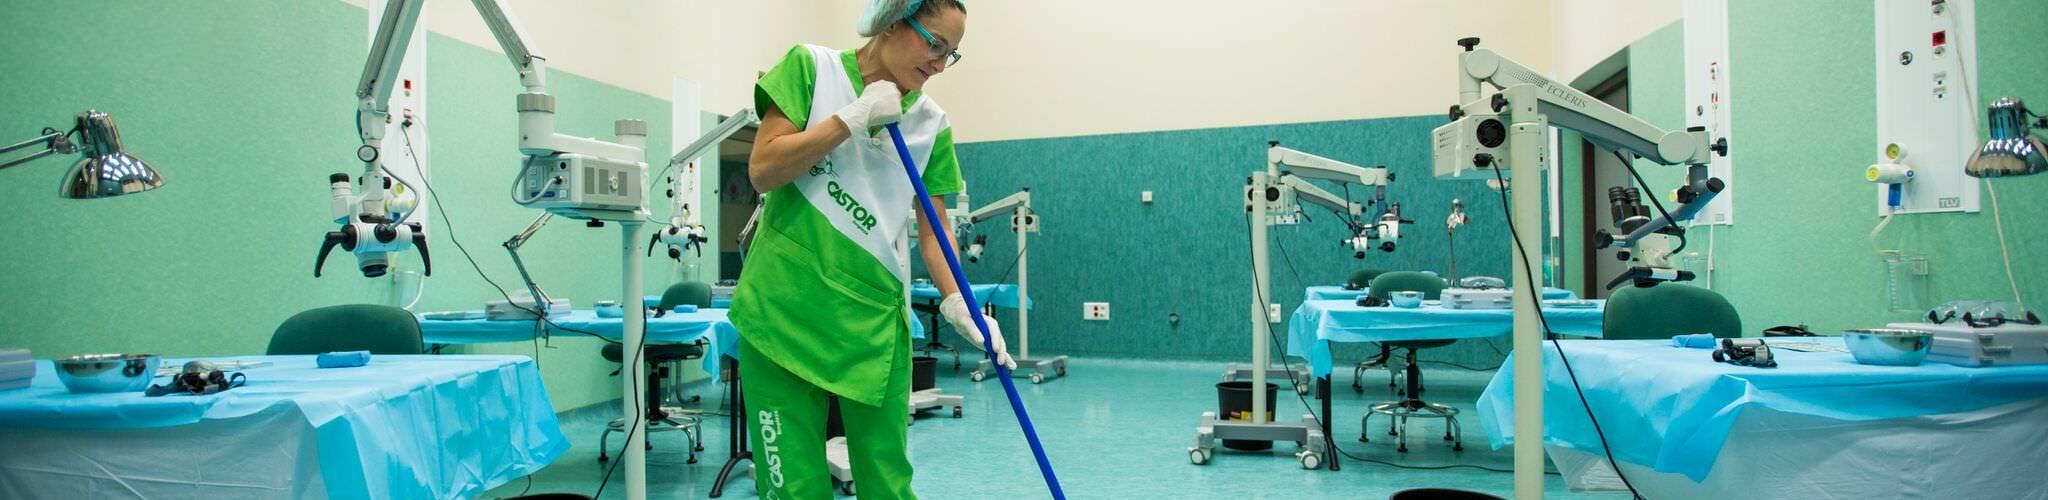 Limpiezas Castor. empresa-limpieza-granada-2048x500 Limpieza en Granada